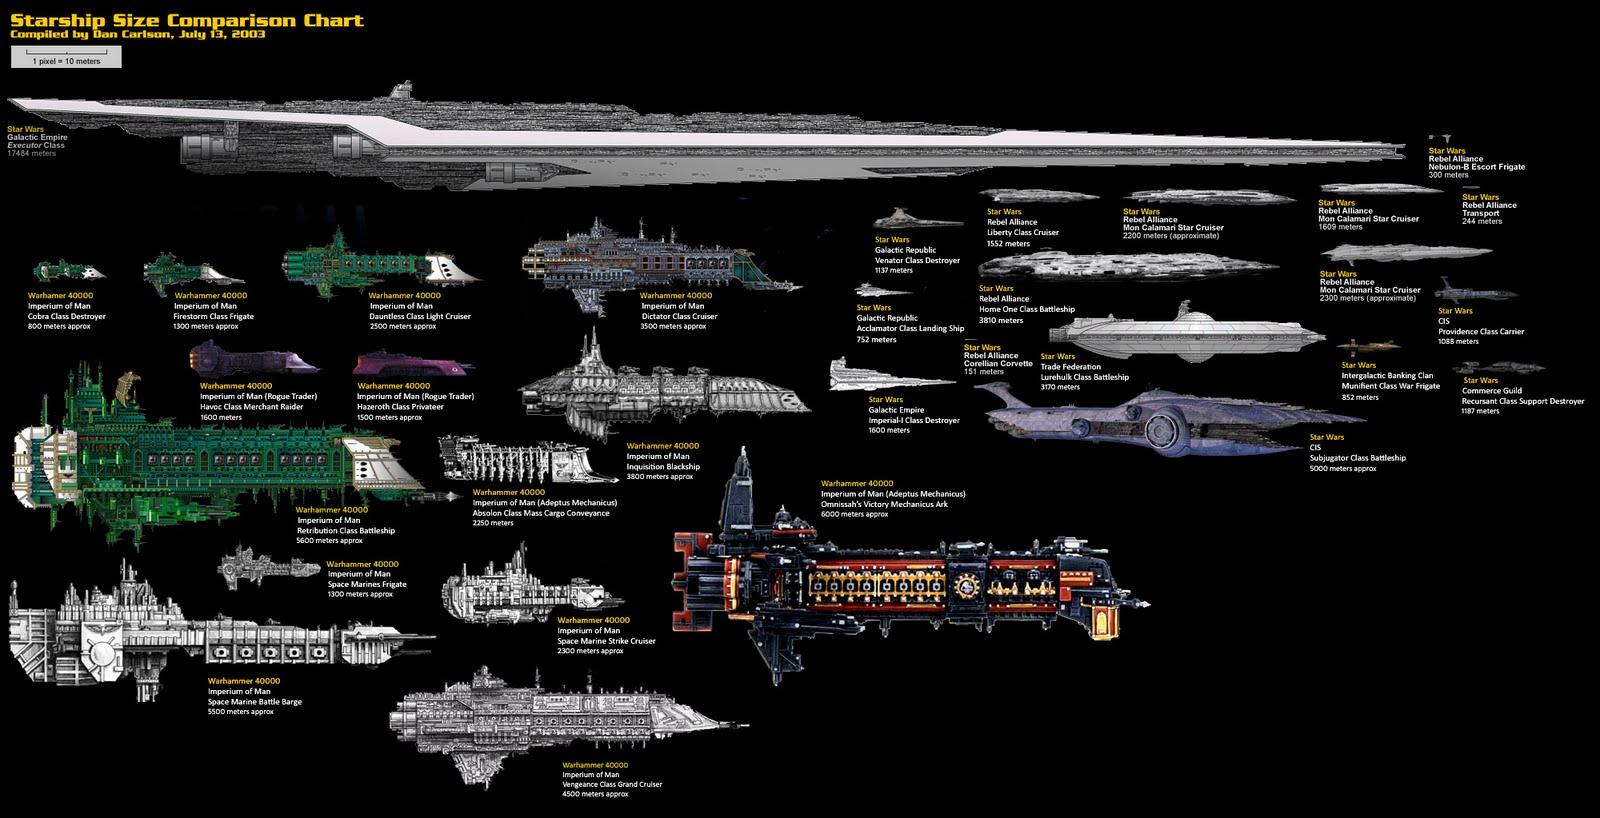 [W40K] Collection d'images : Flotte Impériale Warhammer%2Bvs%2Bstar%2Bwars